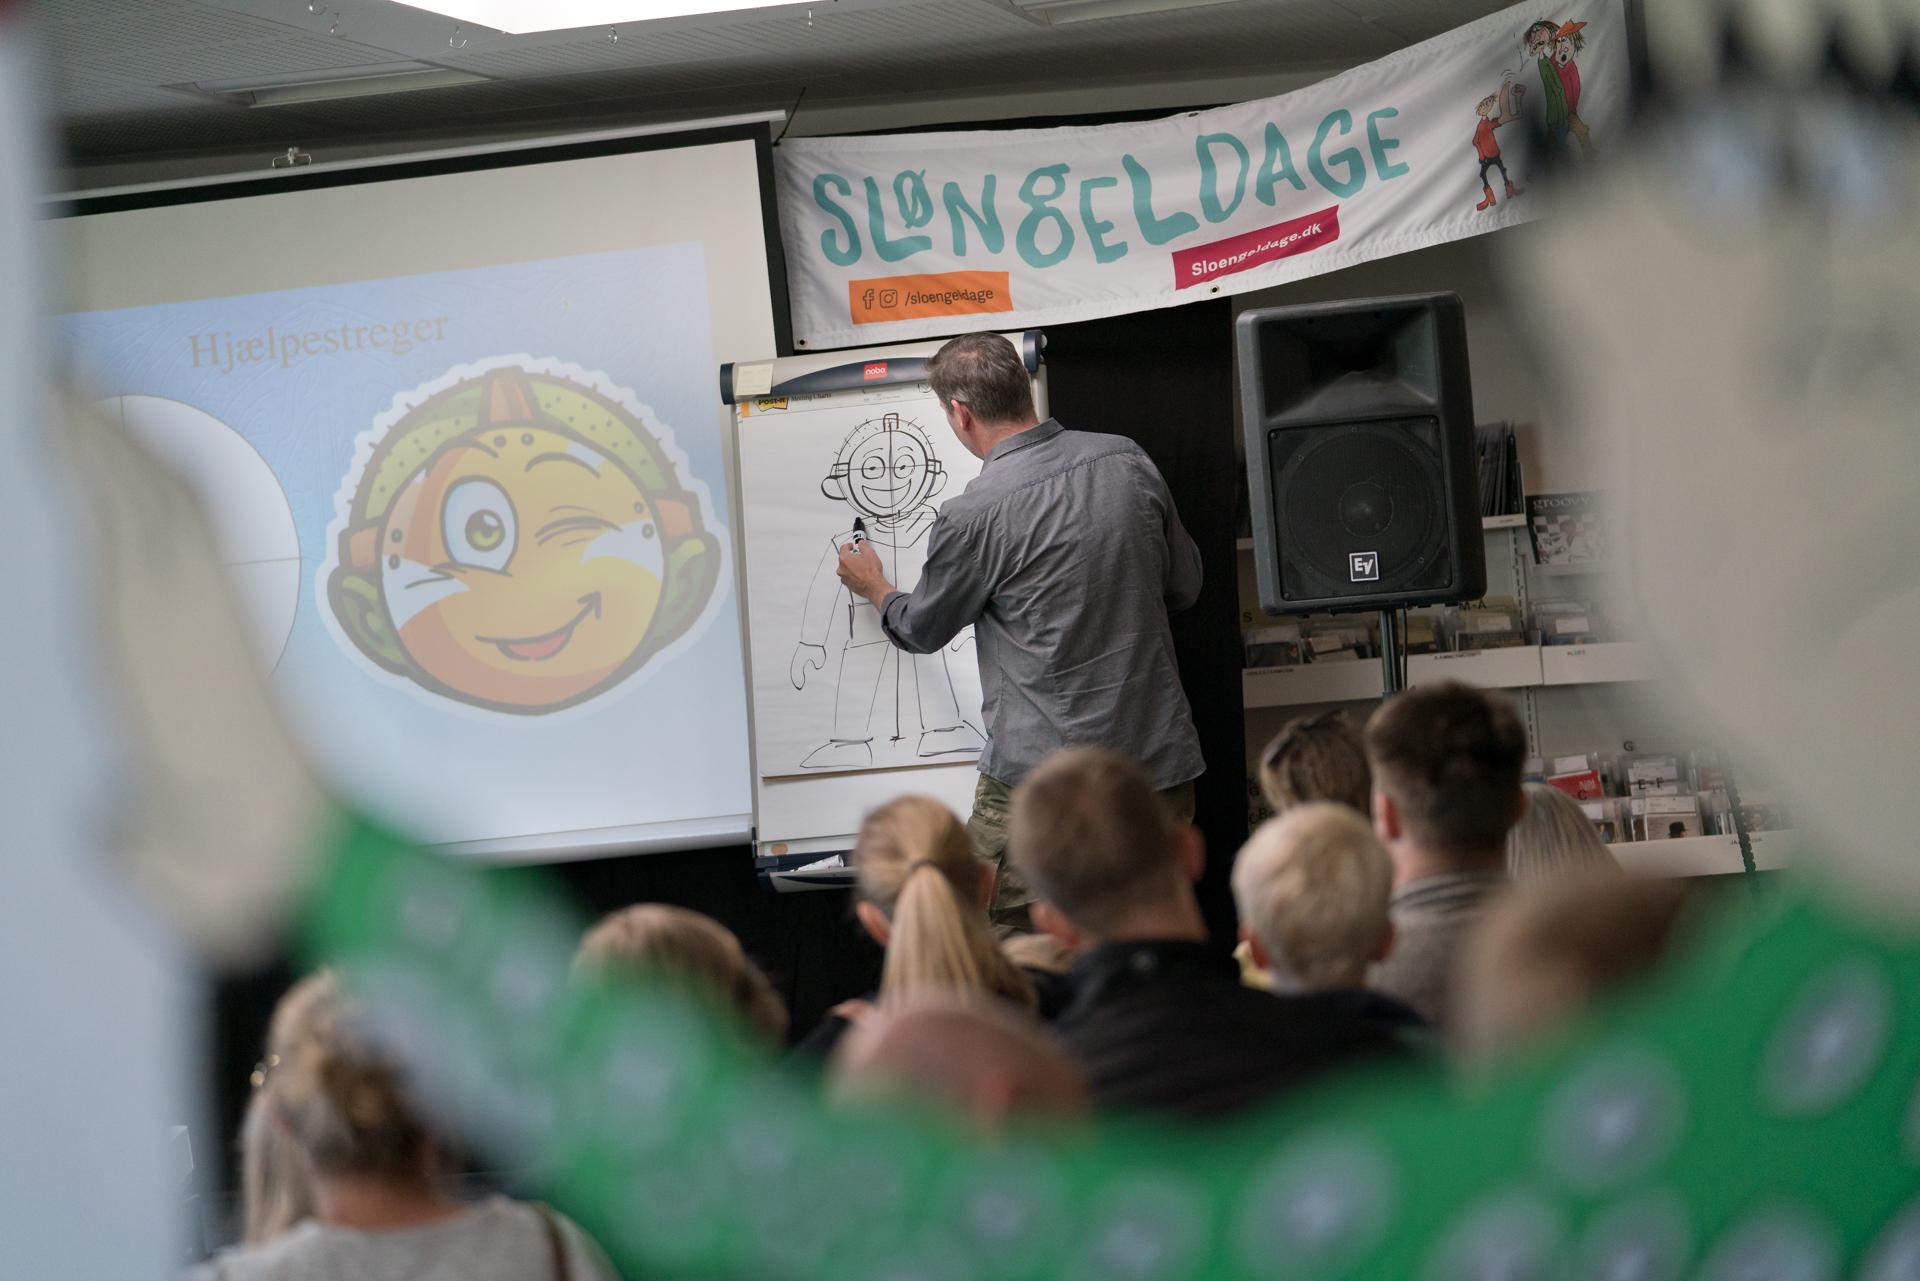 Sløngeldage lørdag - web - Fotograf Per Bille-20190525-00094.jpg